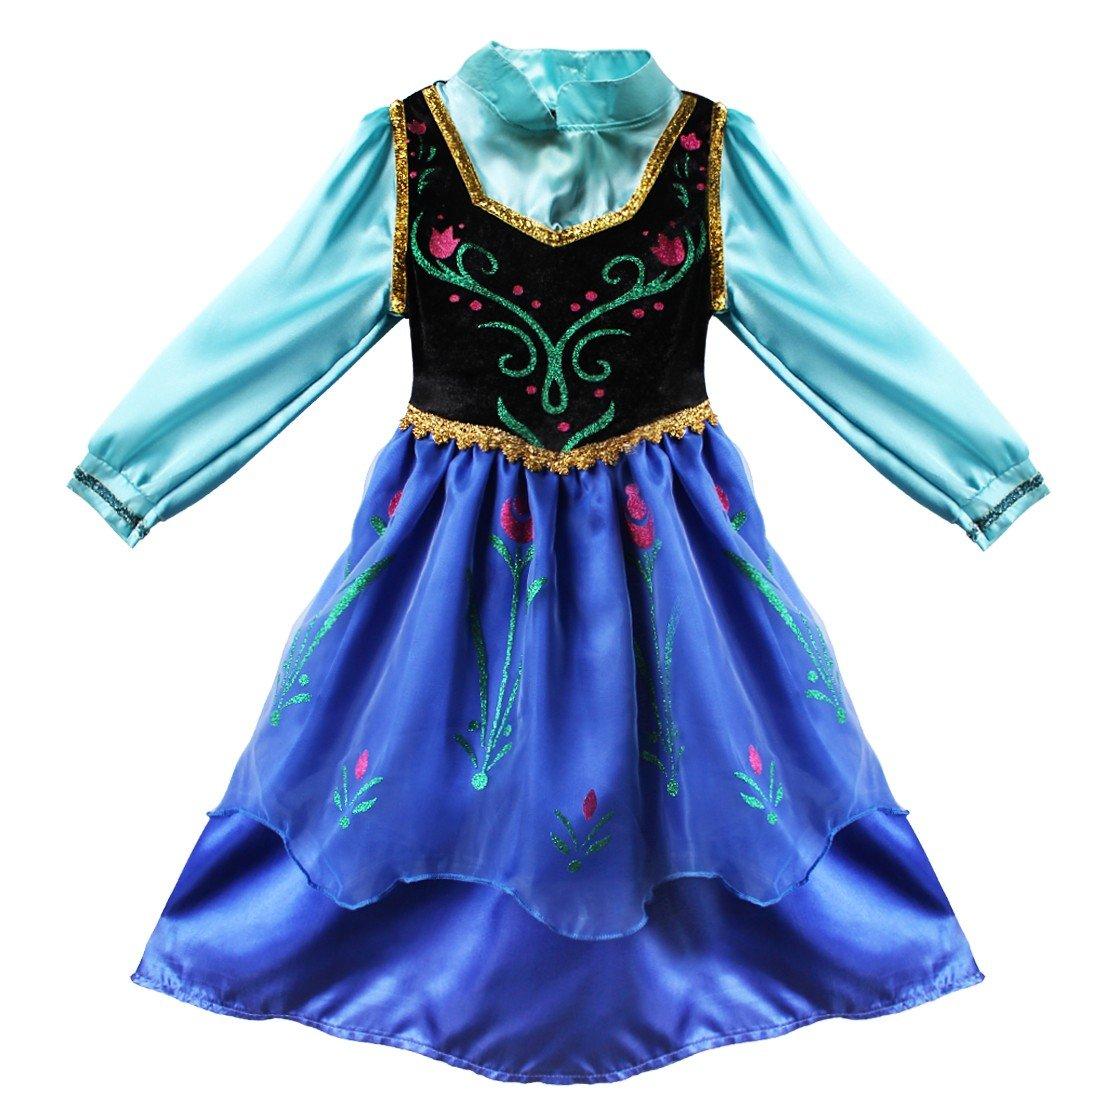 iEFiEL Bambina Principessa Partito Regina delle Vestito Bimba Travestimento Abiti Partito Mantellina Vestito per Ragazza Performance Festa Spettacolo Grazioso 2-8 Anni